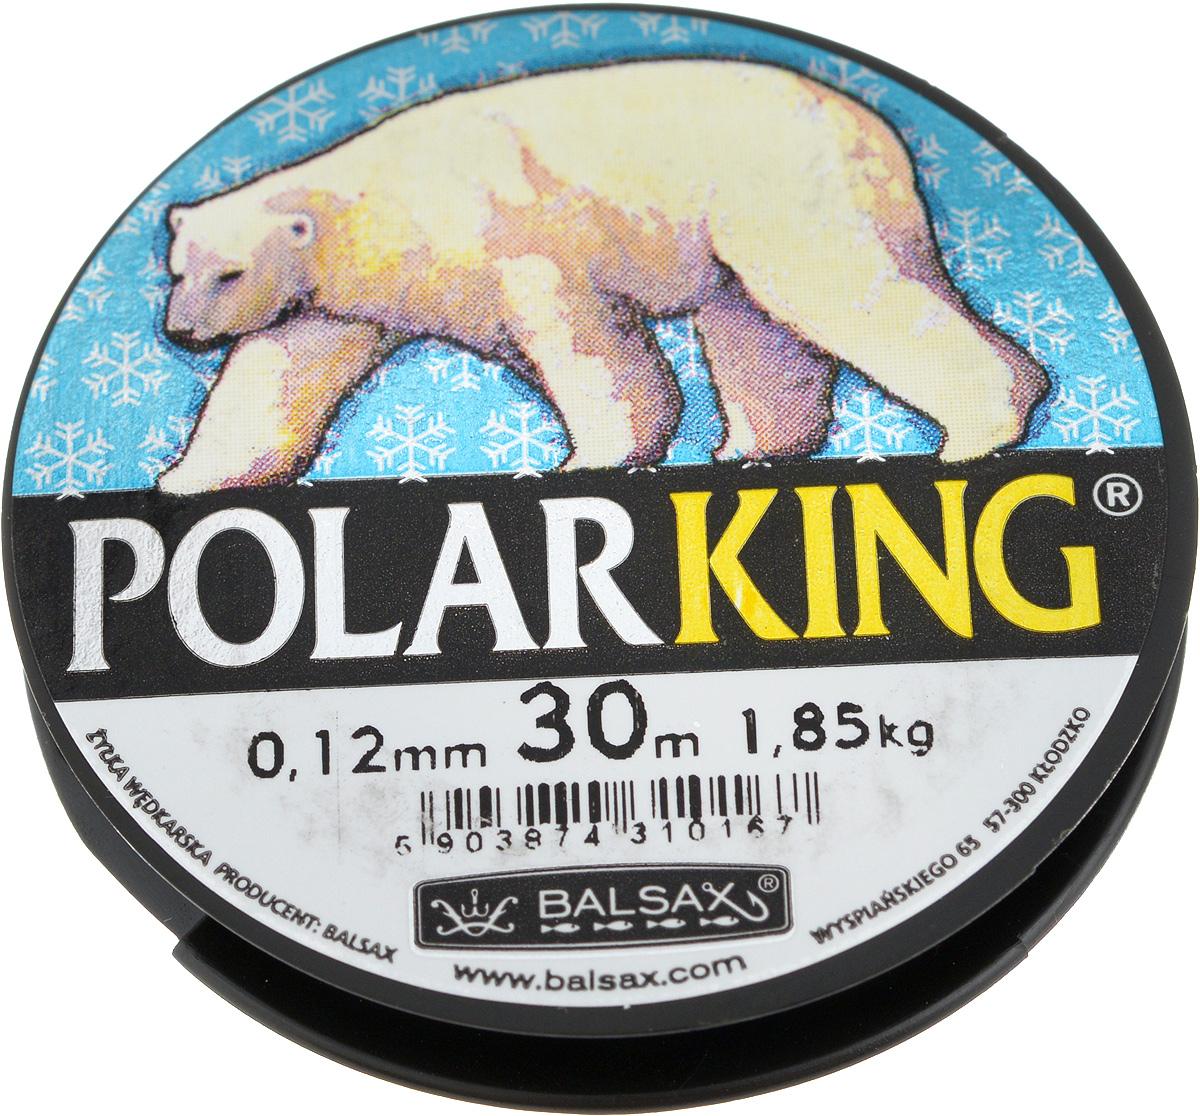 Леска зимняя Balsax Polar King, 30 м, 0,12 мм, 1,85 кг310-13012Леска Balsax Polar King изготовлена из 100% нейлона и очень хорошо выдерживает низкие температуры. Даже в самом холодном климате, при температуре вплоть до -40°C, она сохраняет свои свойства практически без изменений, в то время как традиционные лески становятся менее эластичными и теряют прочность. Поверхность лески обработана таким образом, что она не обмерзает и отлично подходит для подледного лова. Прочна в местах вязки узлов даже при минимальном диаметре.